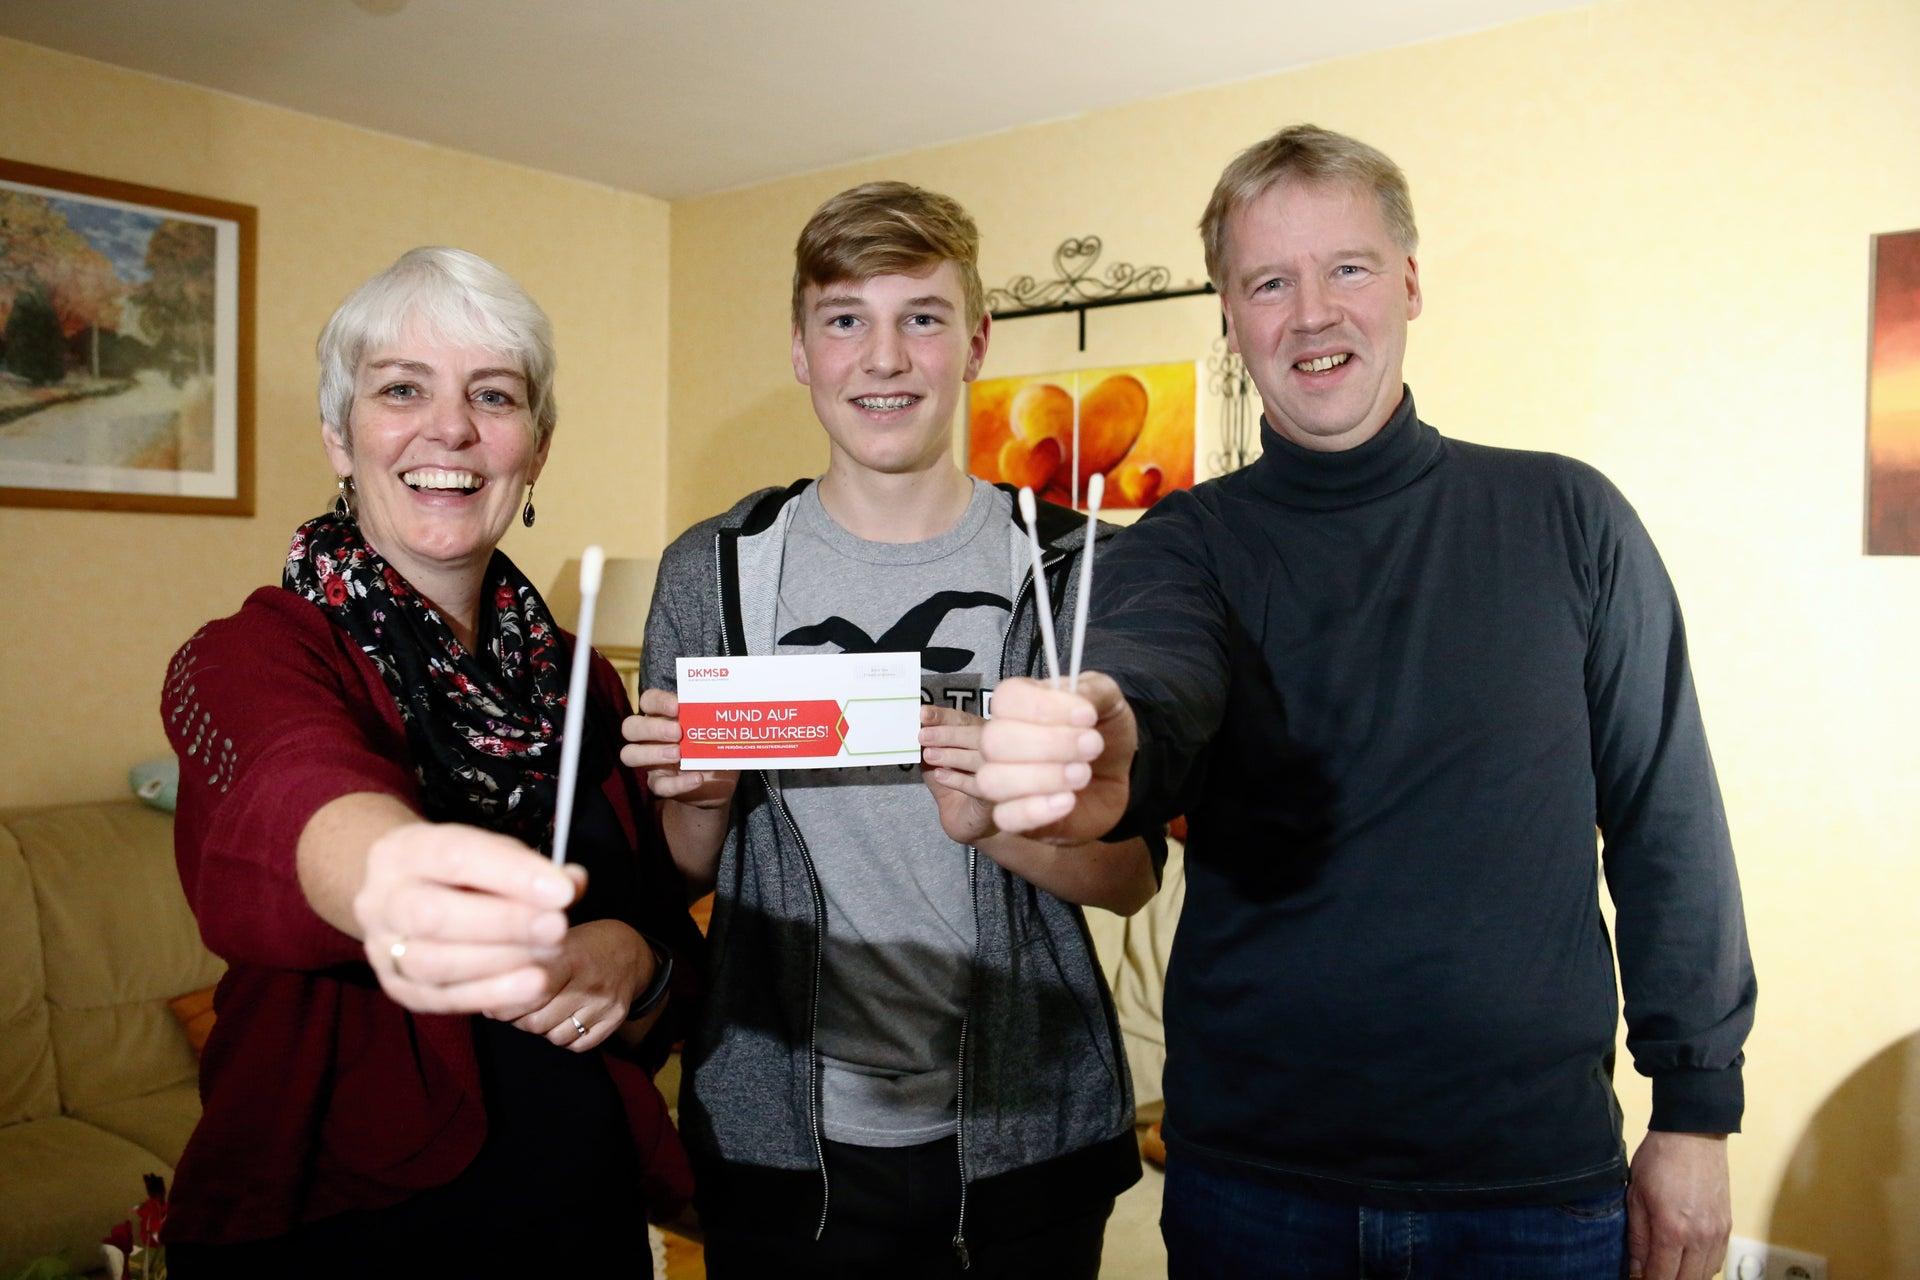 Der geheilte Blutkrebspatient Mathies mit seiner Mutter Simone und seinem Vater Gunnar